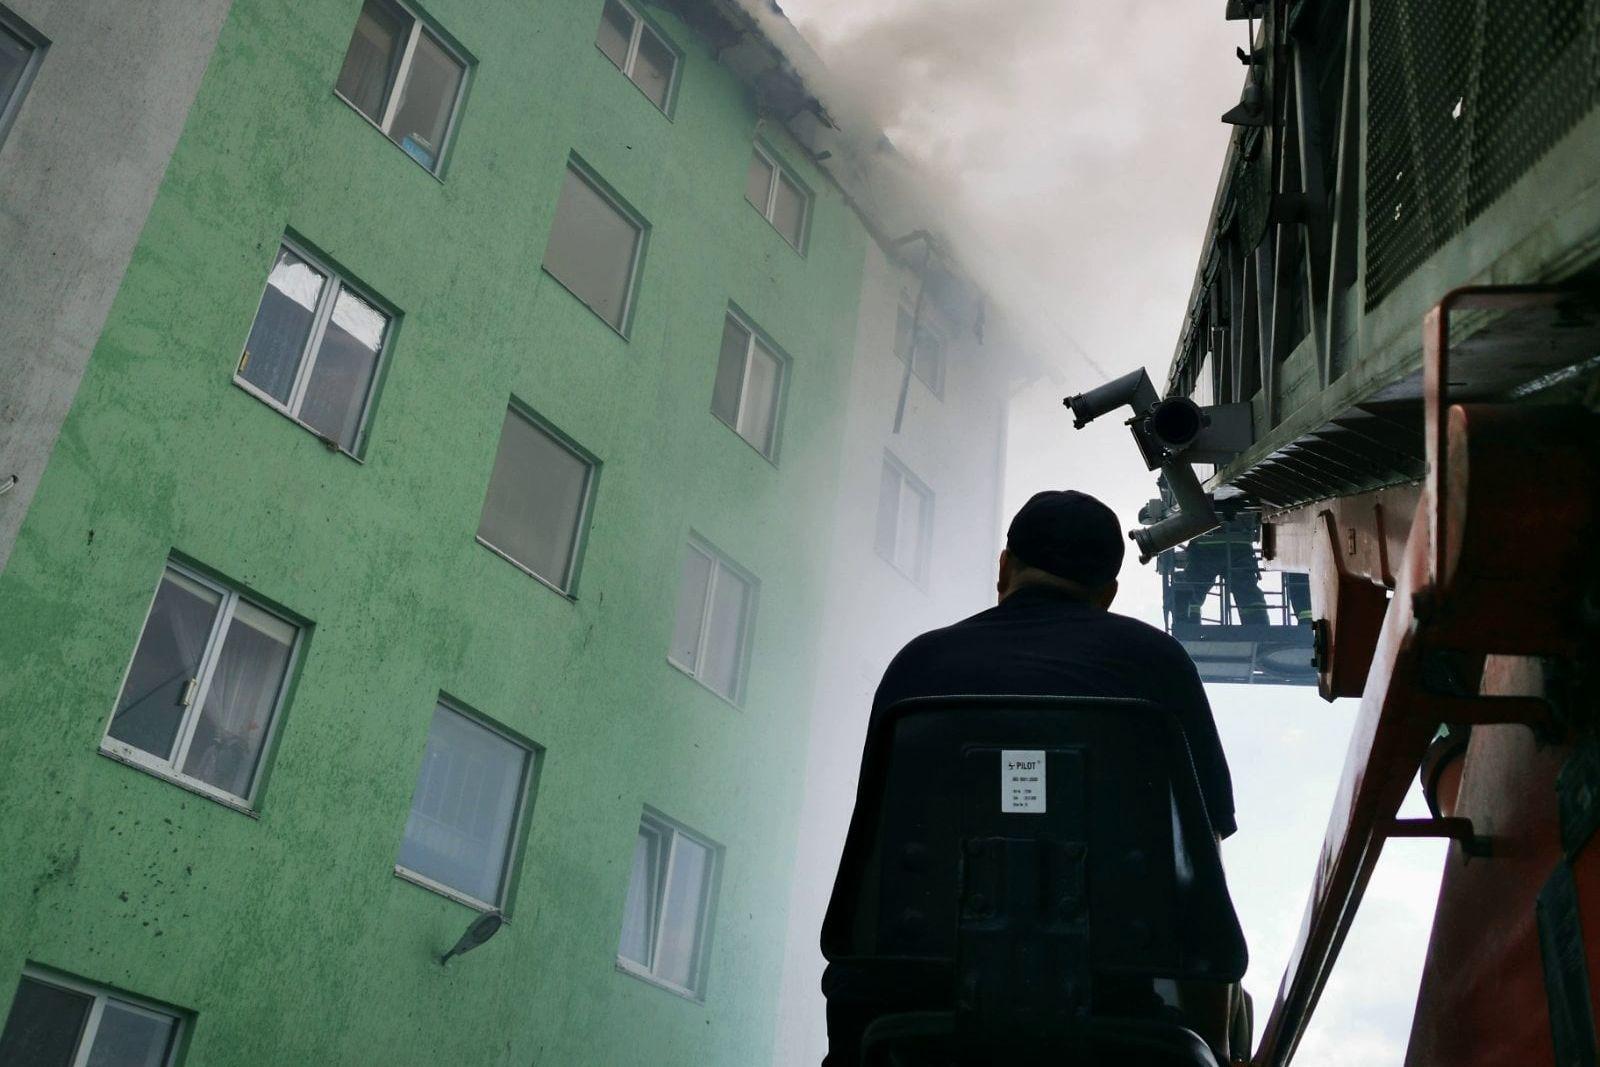 СМИ: взрывом многоэтажки под Киевом пытались скрыть расправу над ветераном АТО - у него вырезаны органы